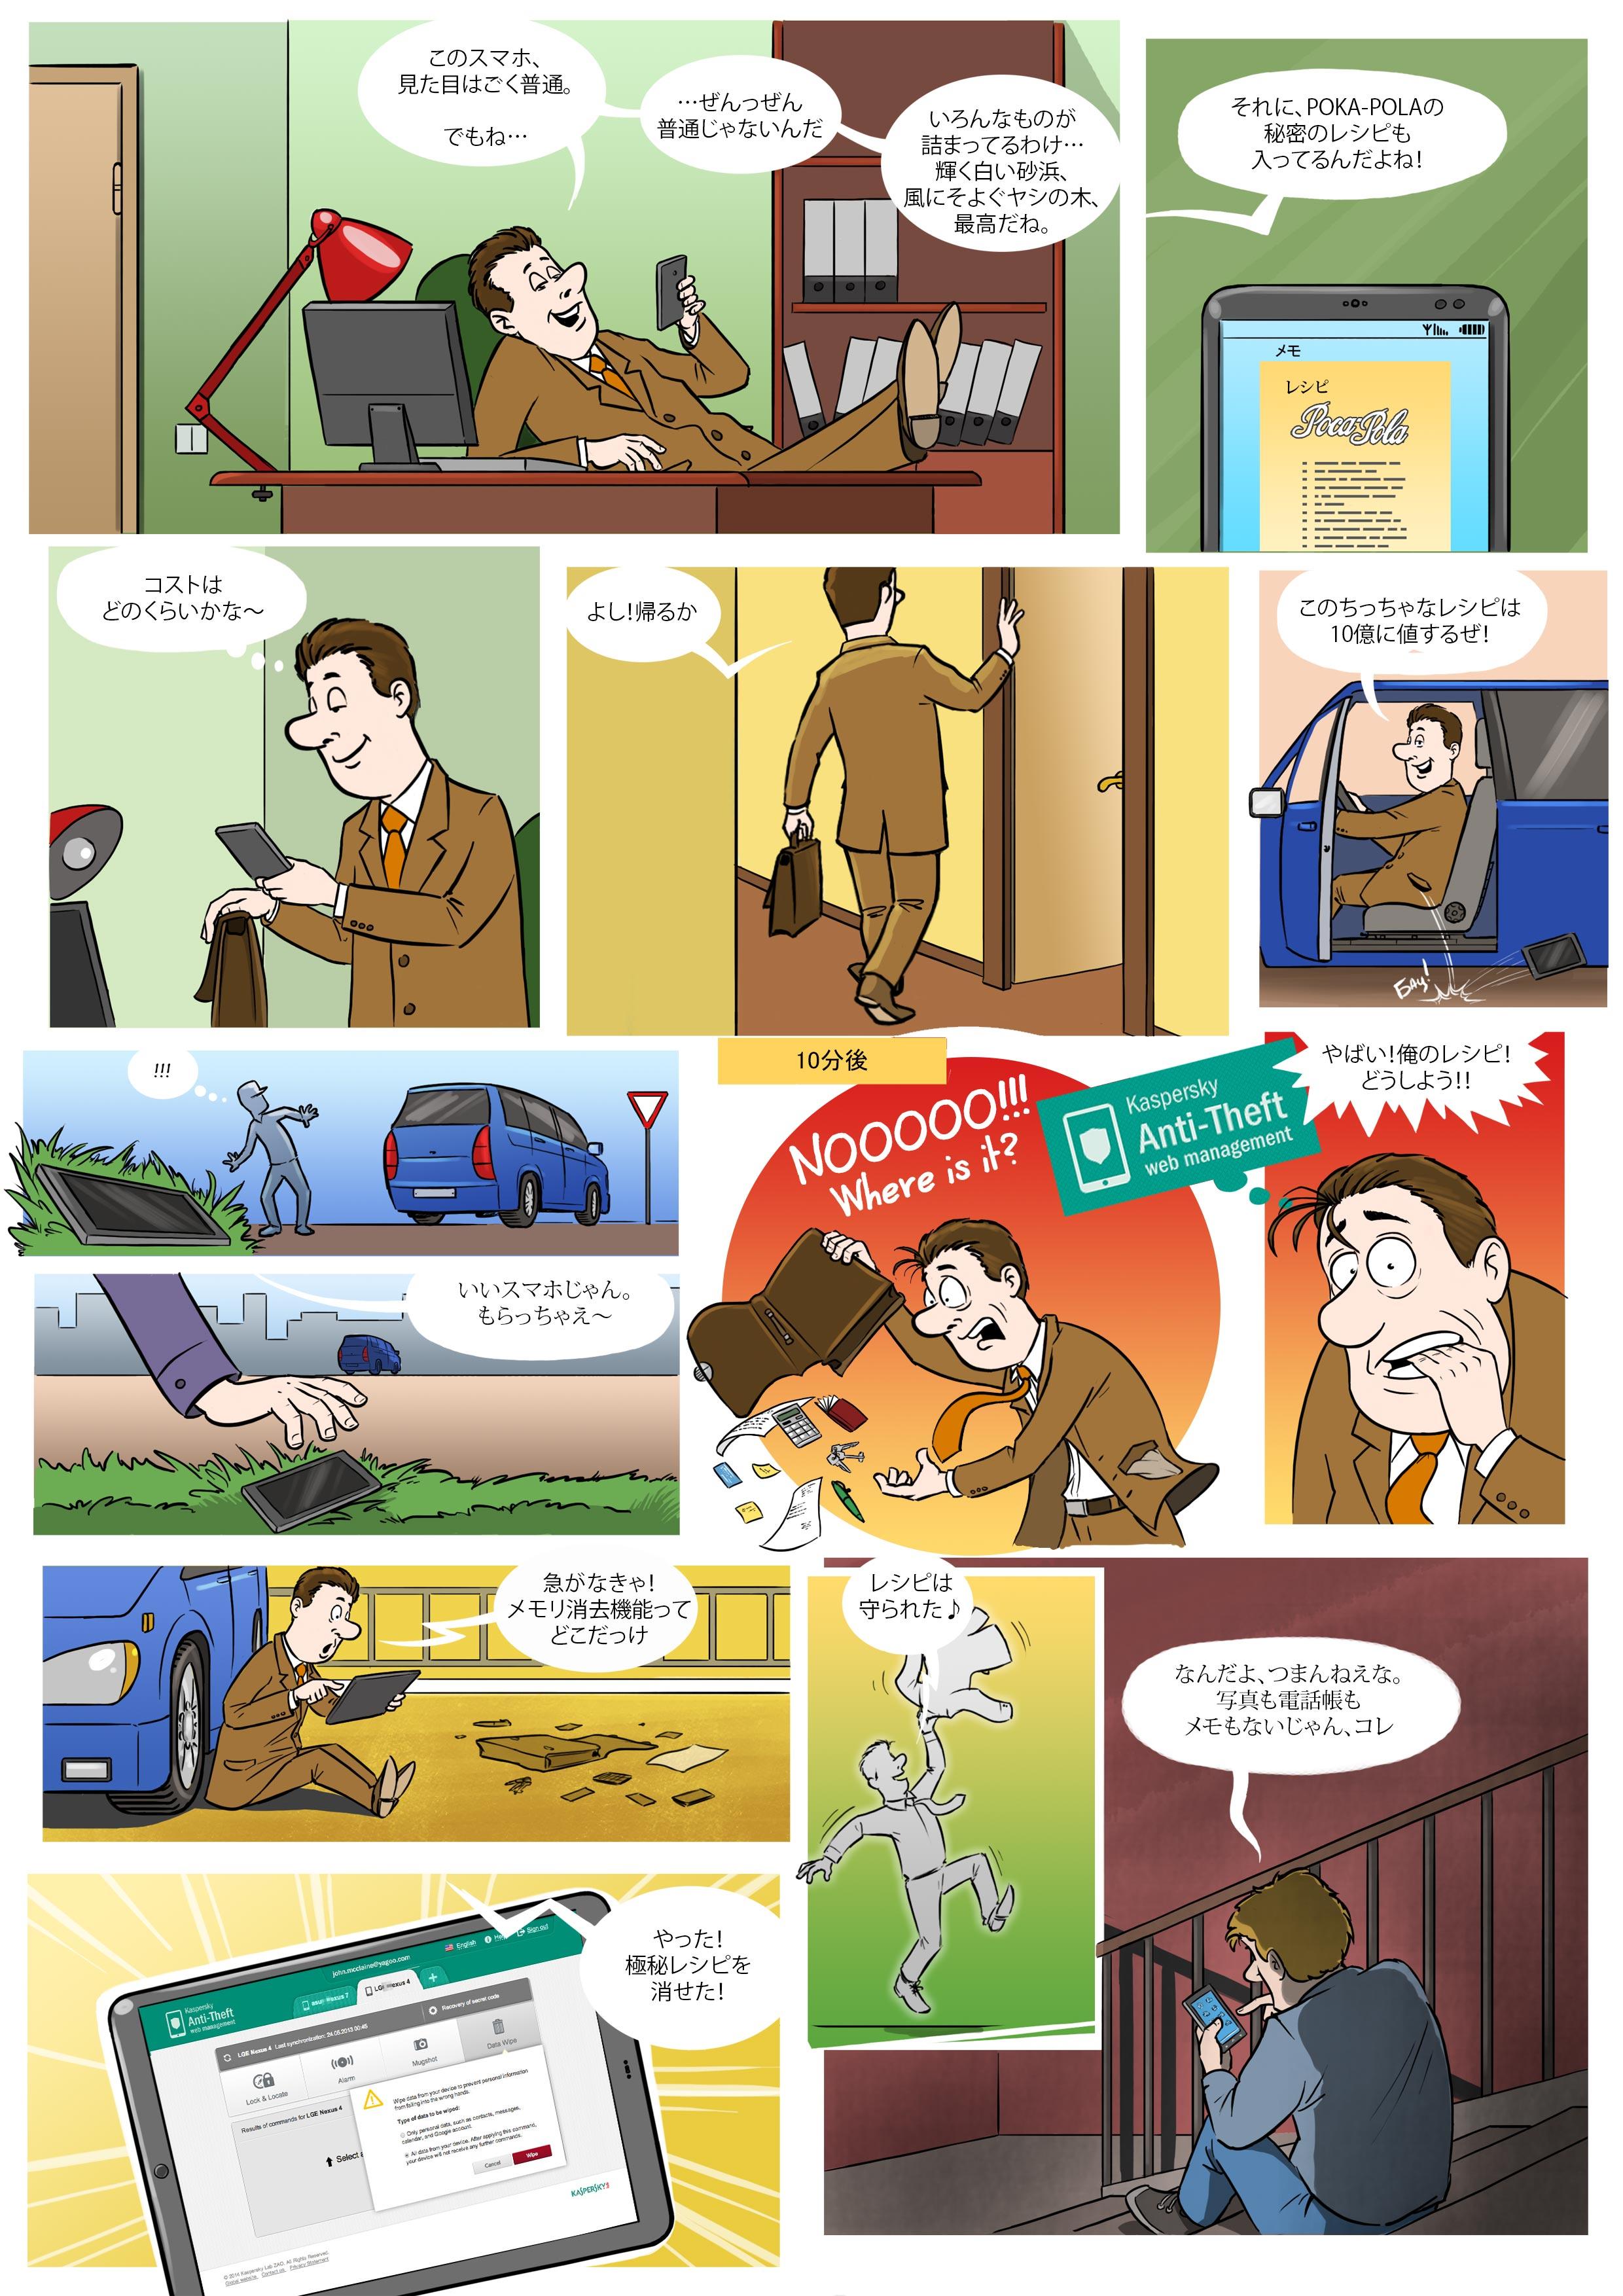 コミック:kisa盗難対策3